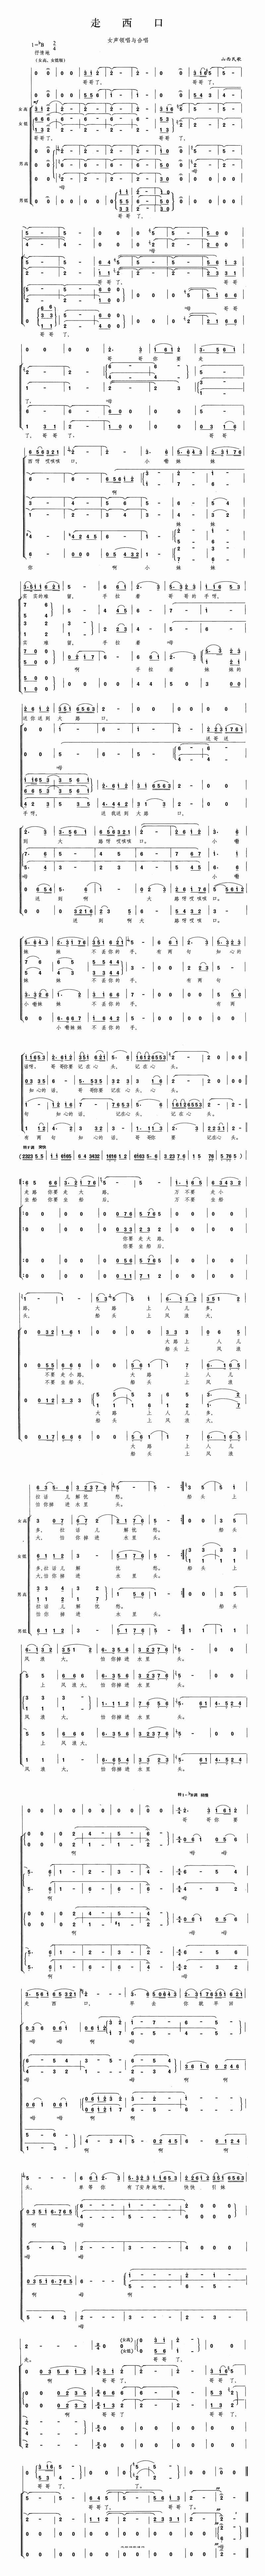 走西口(女声领唱合唱)(中国)高清手机移动歌谱简谱